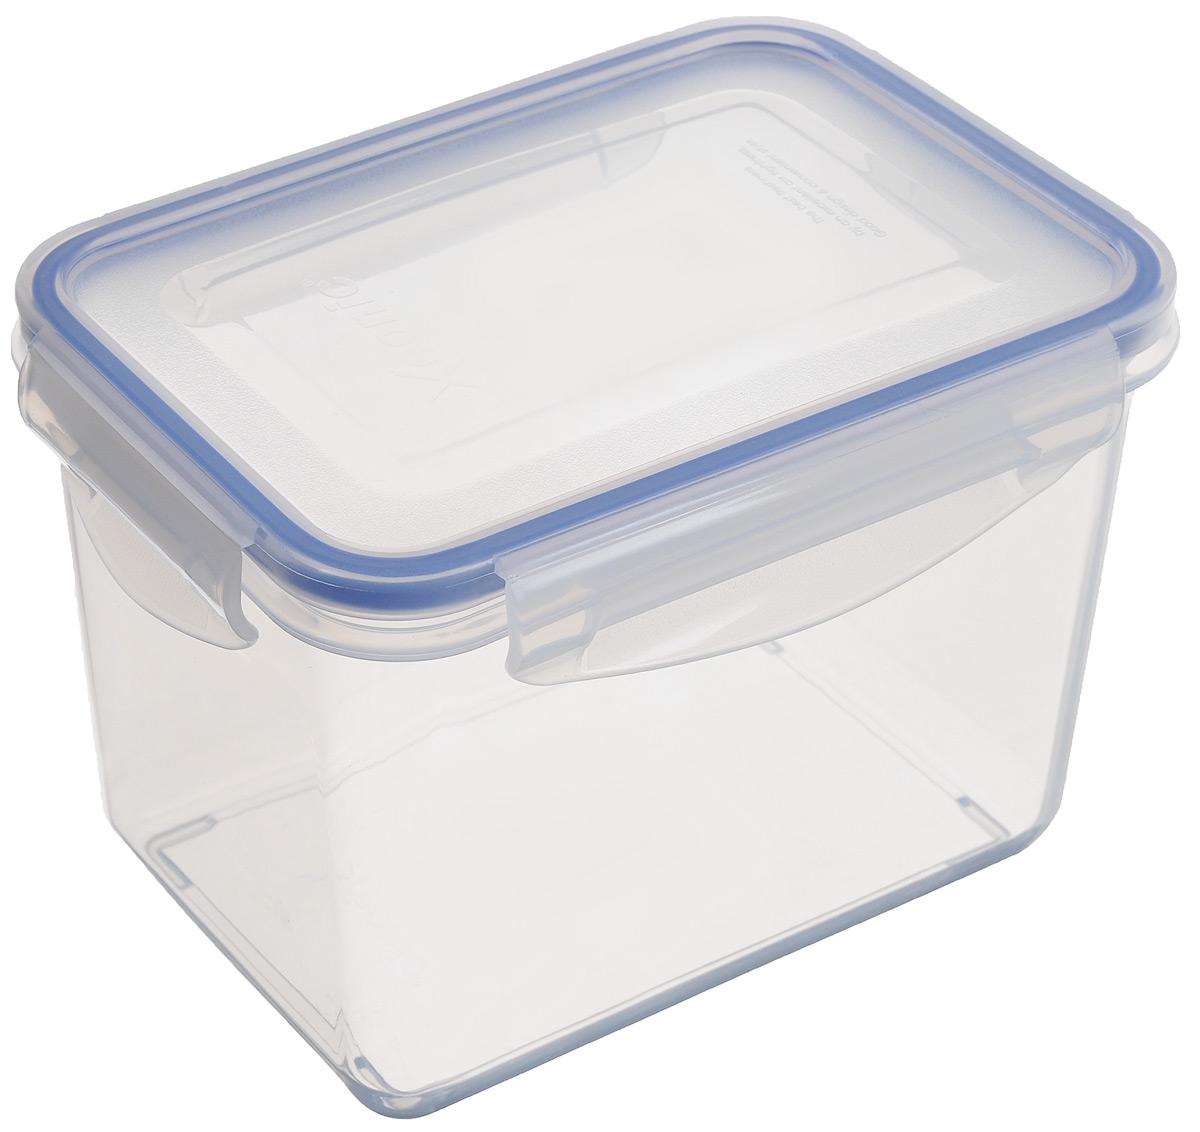 Контейнер Xeonic, цвет: прозрачный, синий, 1,3 л810027Прямоугольный контейнер Xeonic изготовлен из высококачественного полипропилена и предназначен для хранения любых пищевых продуктов. Крышка с силиконовой вставкой герметично защелкивается специальным механизмом. Изделие устойчиво к воздействию масел и жиров, не впитывает запахи. Контейнер Xeonic удобен для ежедневного использования в быту. Можно мыть в посудомоечной машине и использовать в СВЧ. Размер контейнера (по верхнему краю): 16 см х 11 см. Высота контейнера (без учета крышки): 11 см.